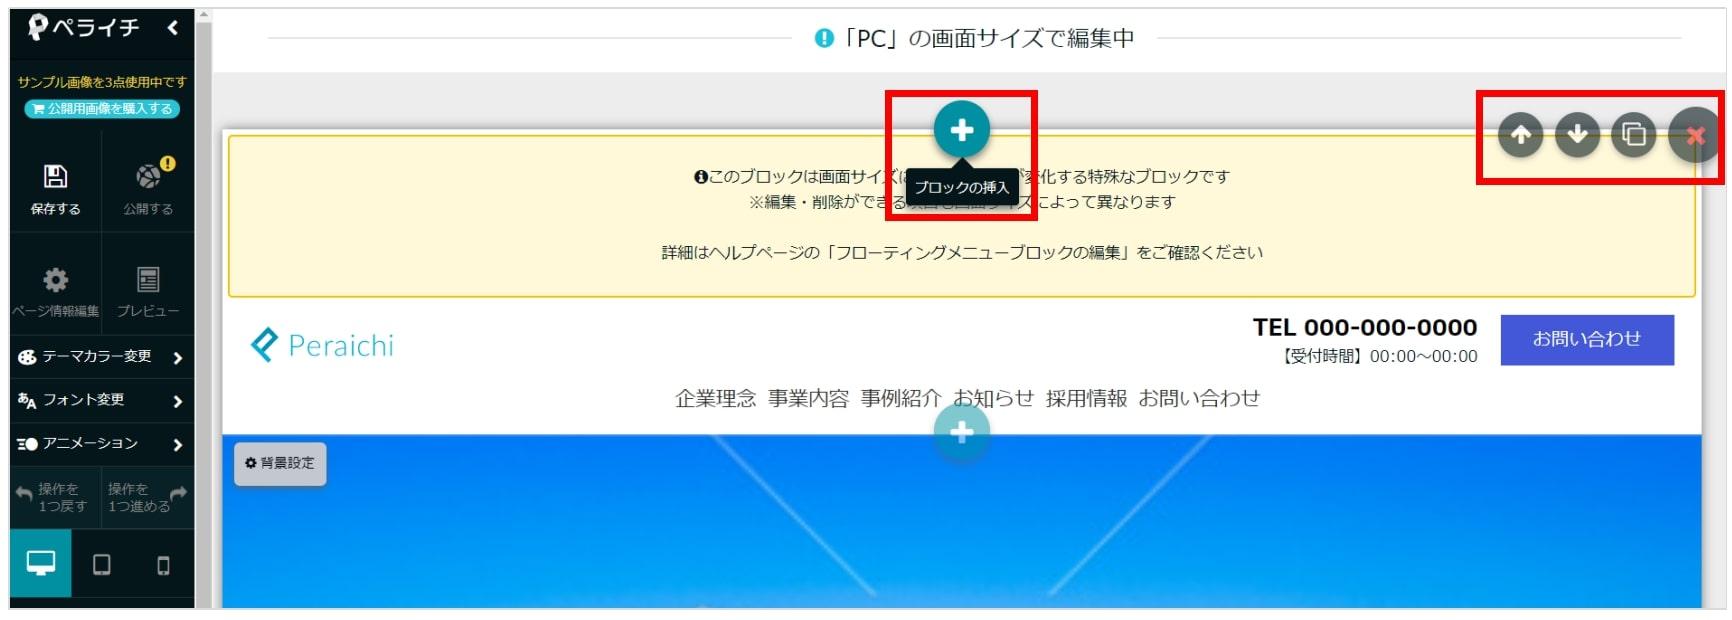 img_createform_3-1.jpeg